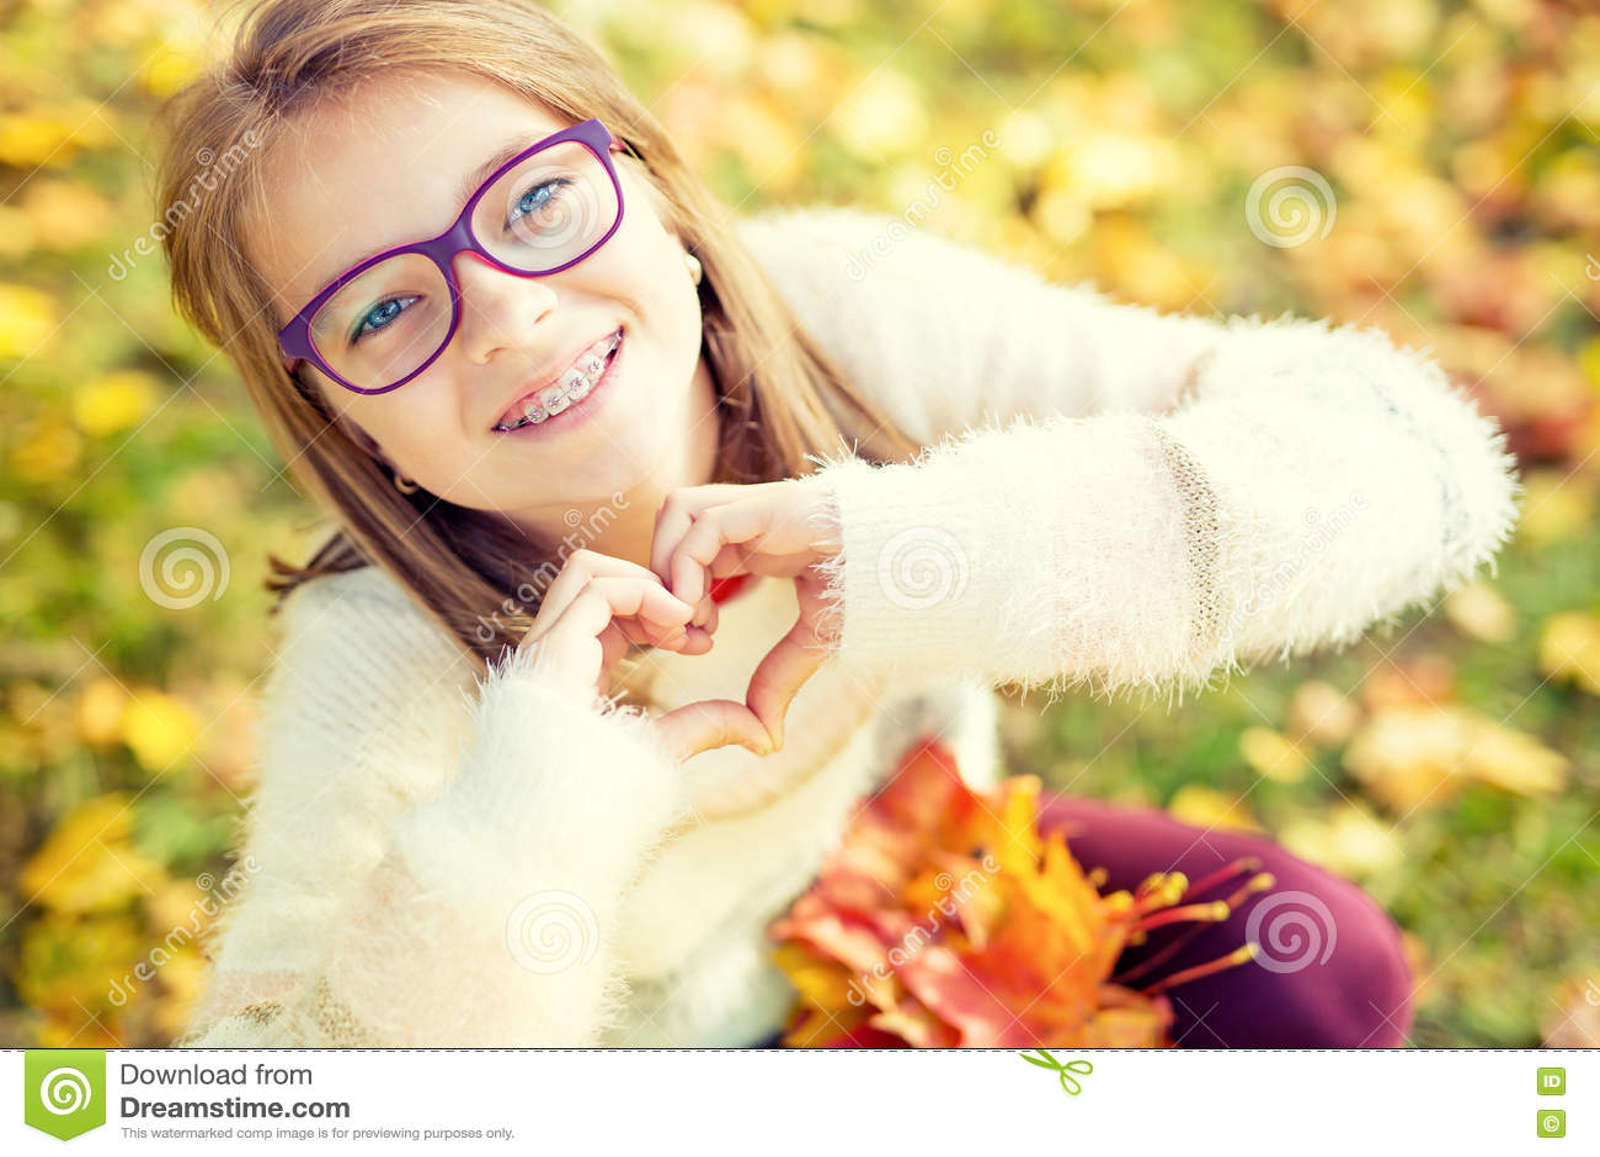 Niña sonriente con los apoyos y los vidrios que muestran el corazón con las manos Tiempo de Autum